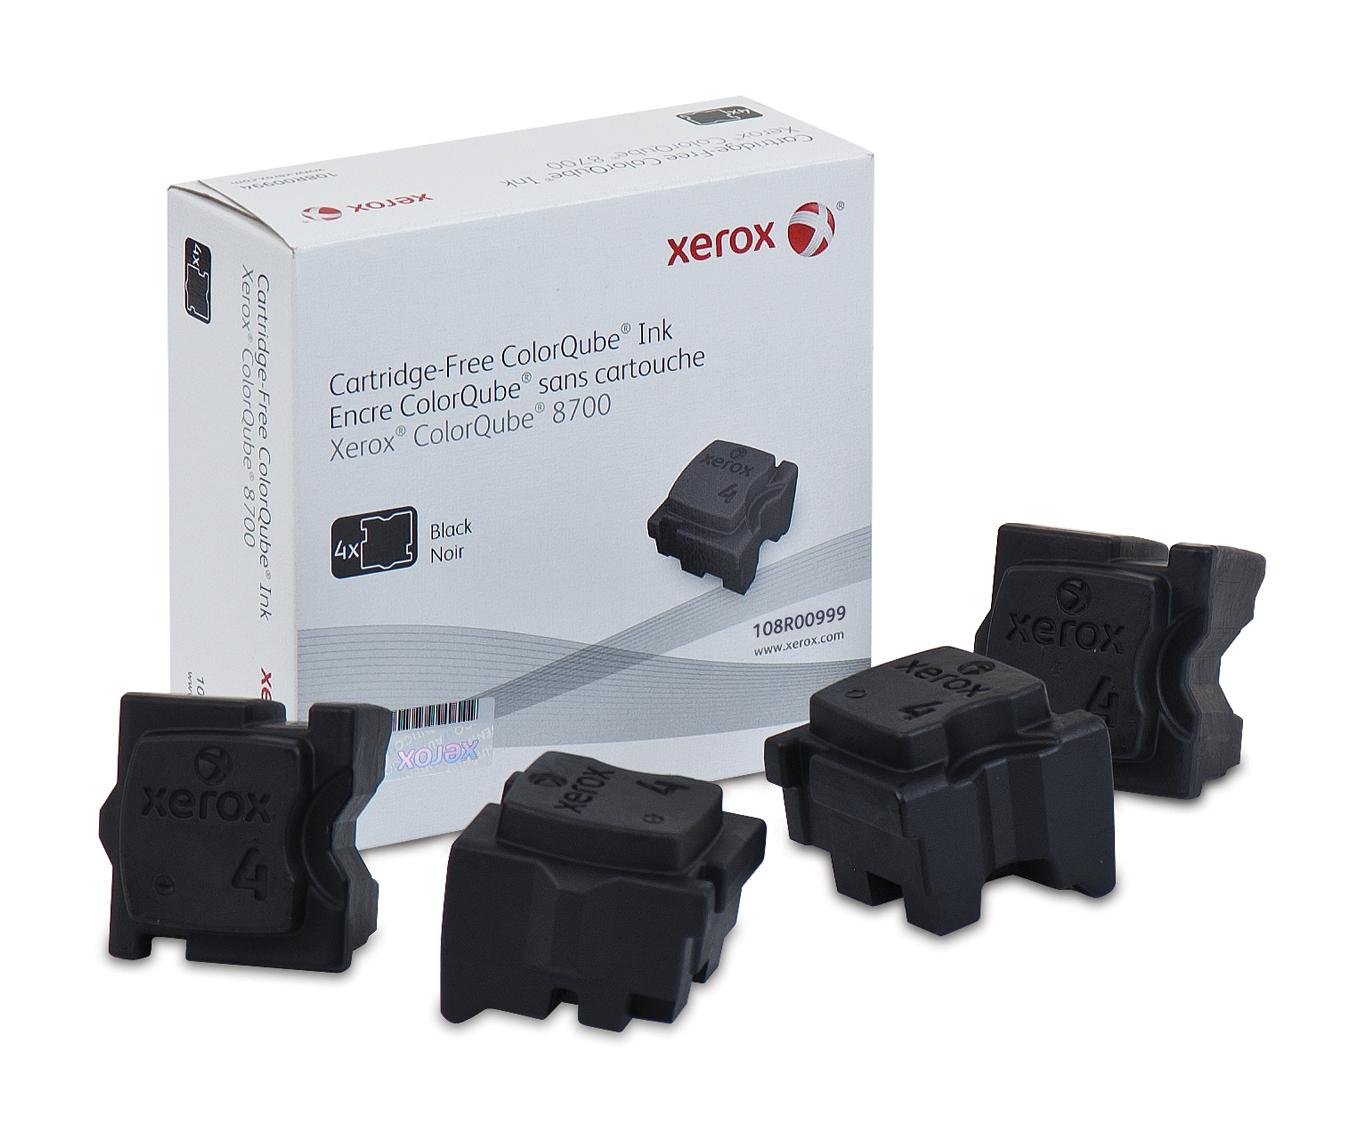 Xerox Colorqube 8700/8900 Tinta Sólida Negra (4 Barras, Imprime 9000 Páginas)